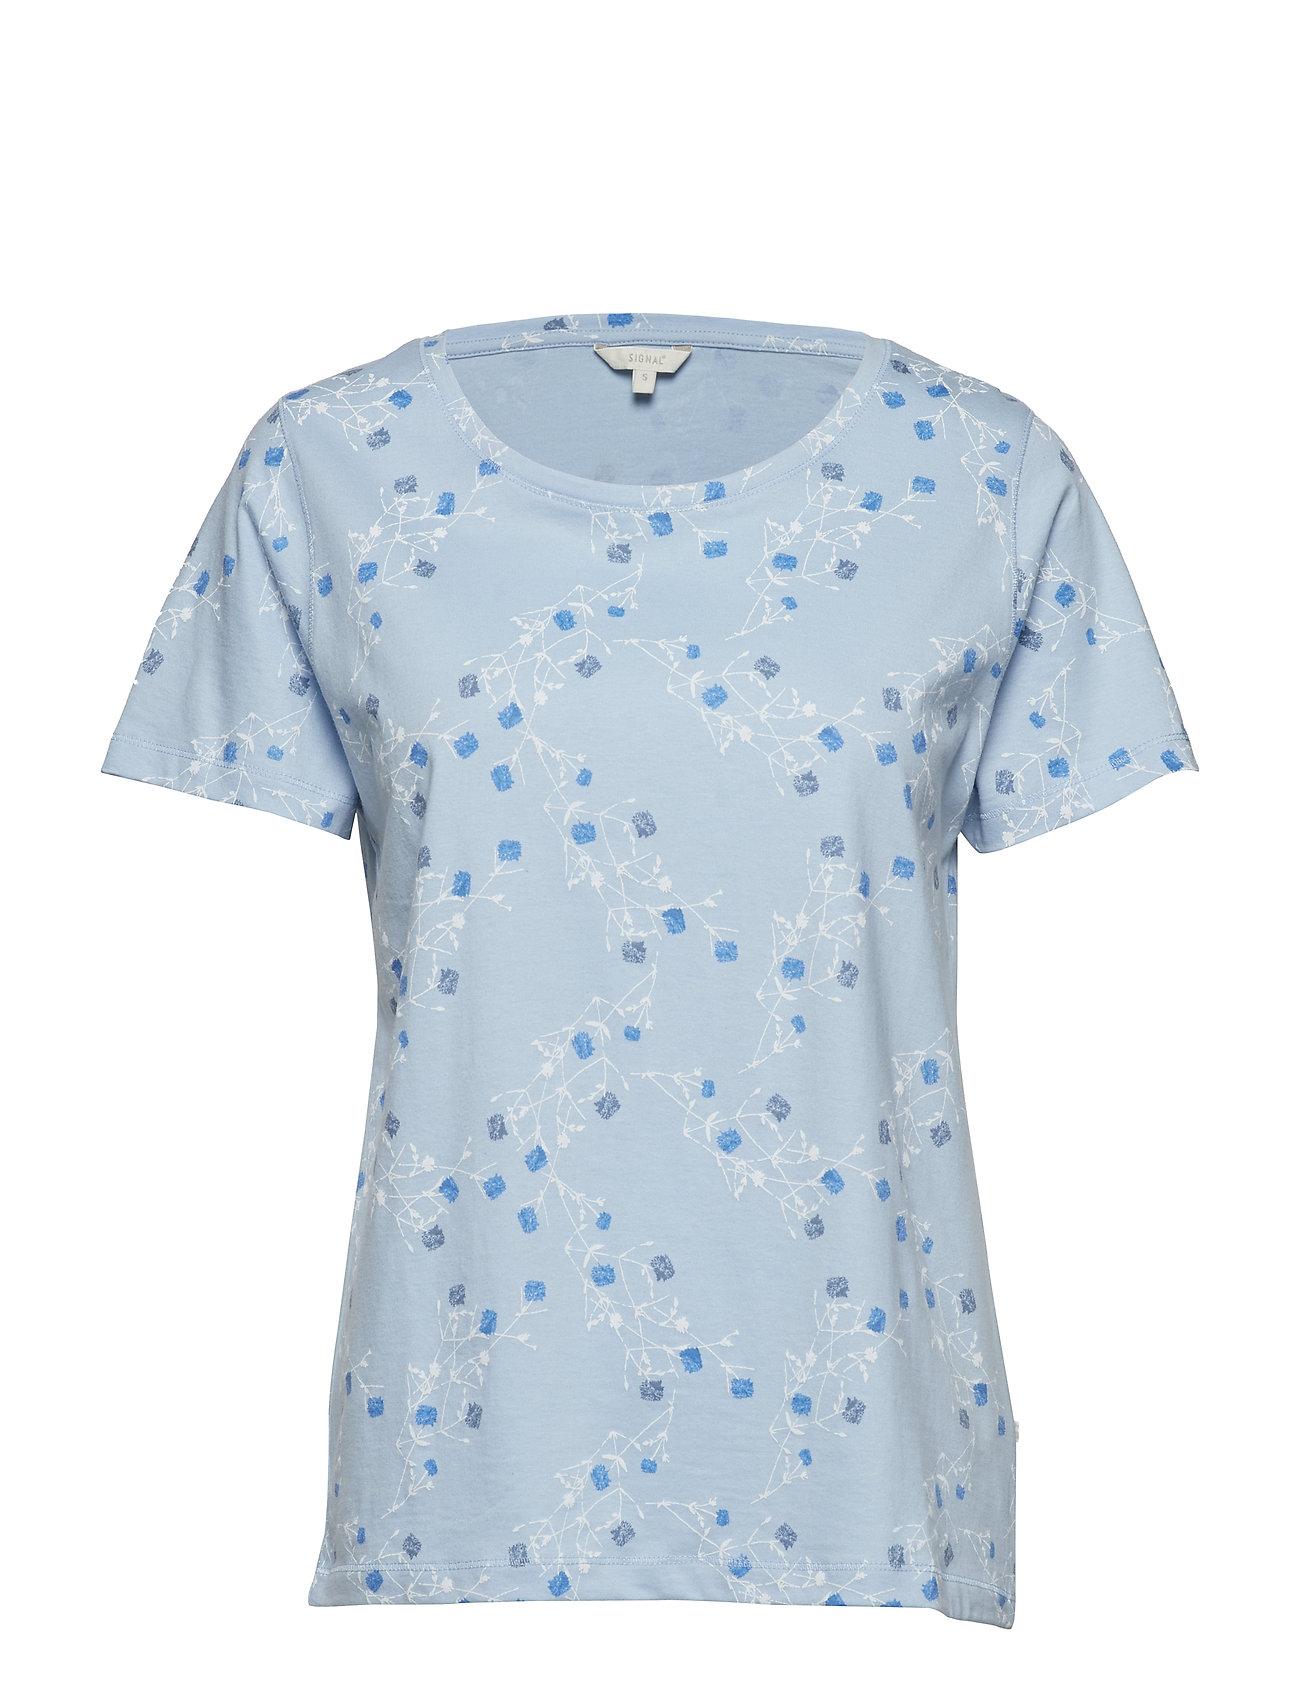 BlueSignal shirt T topkentucky T shirt reCdoxB